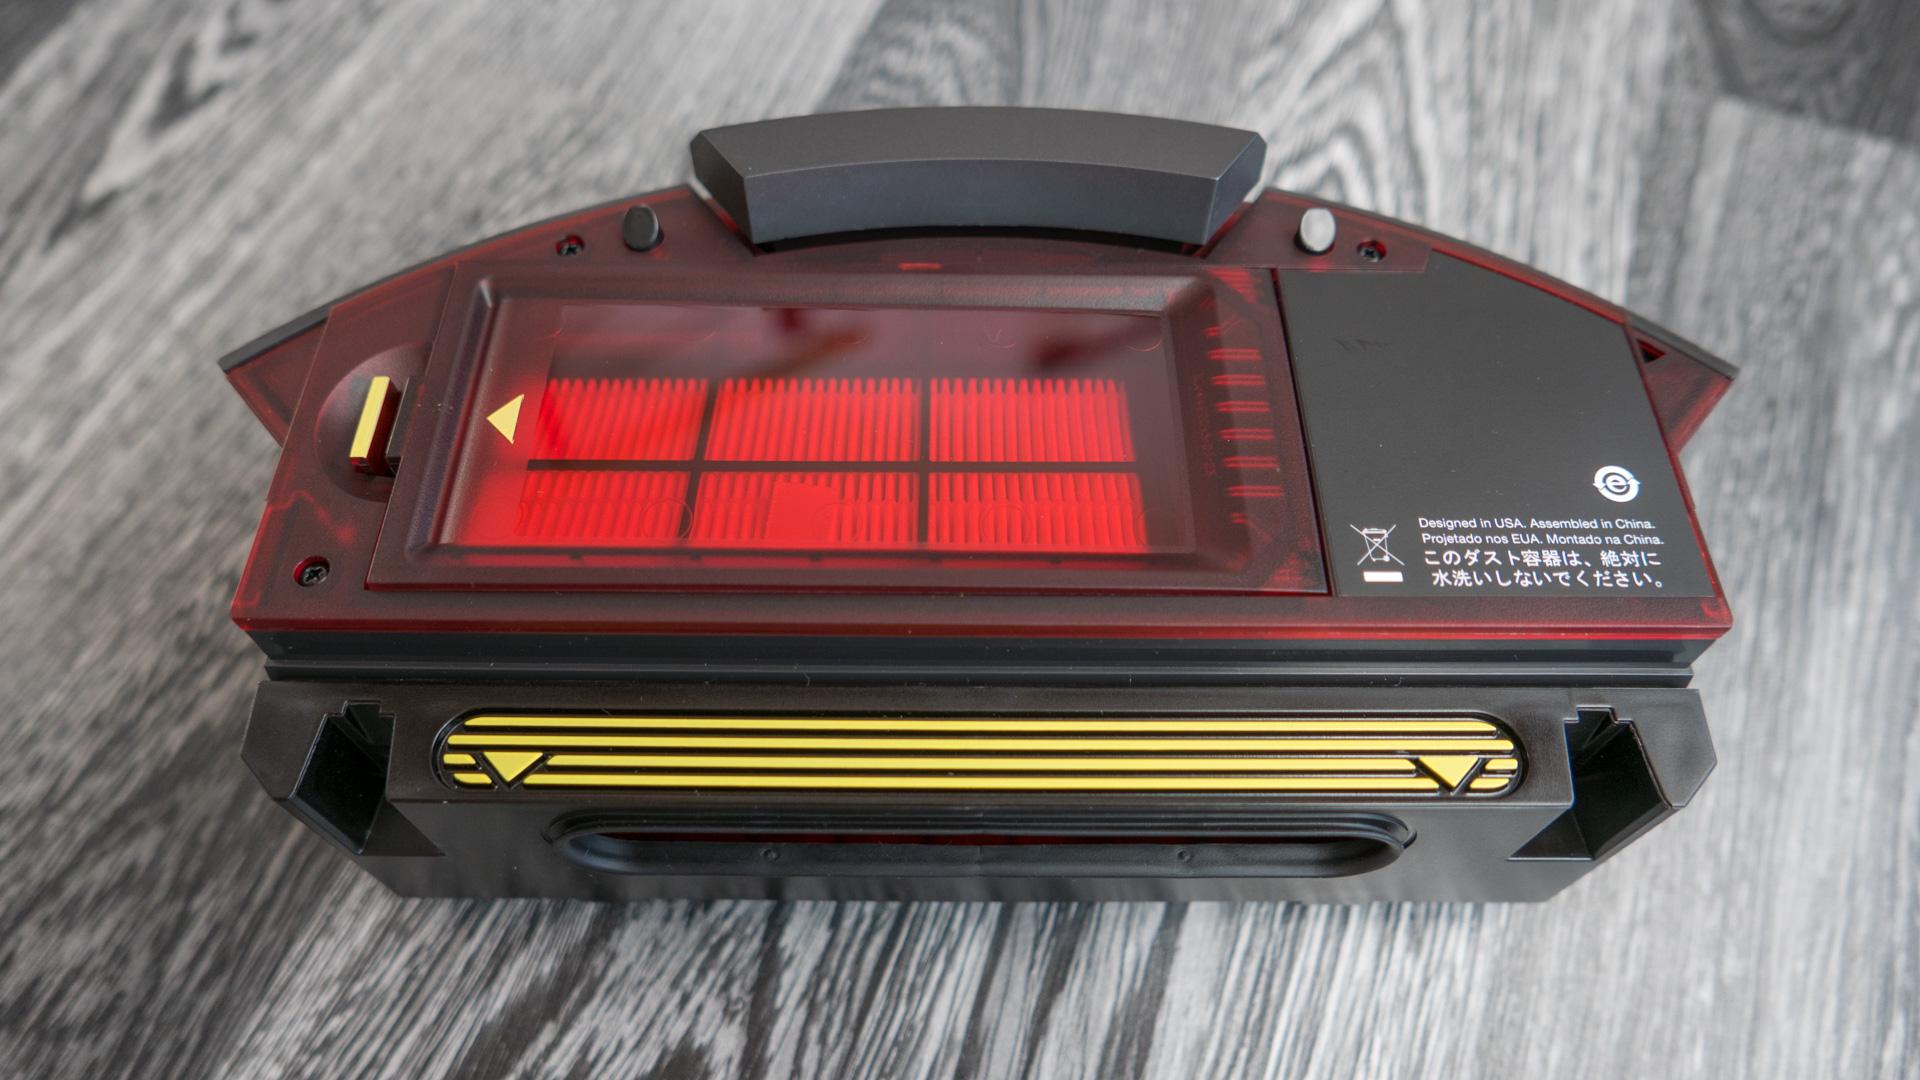 iRobot Roomba 980 Staubbehälter 08